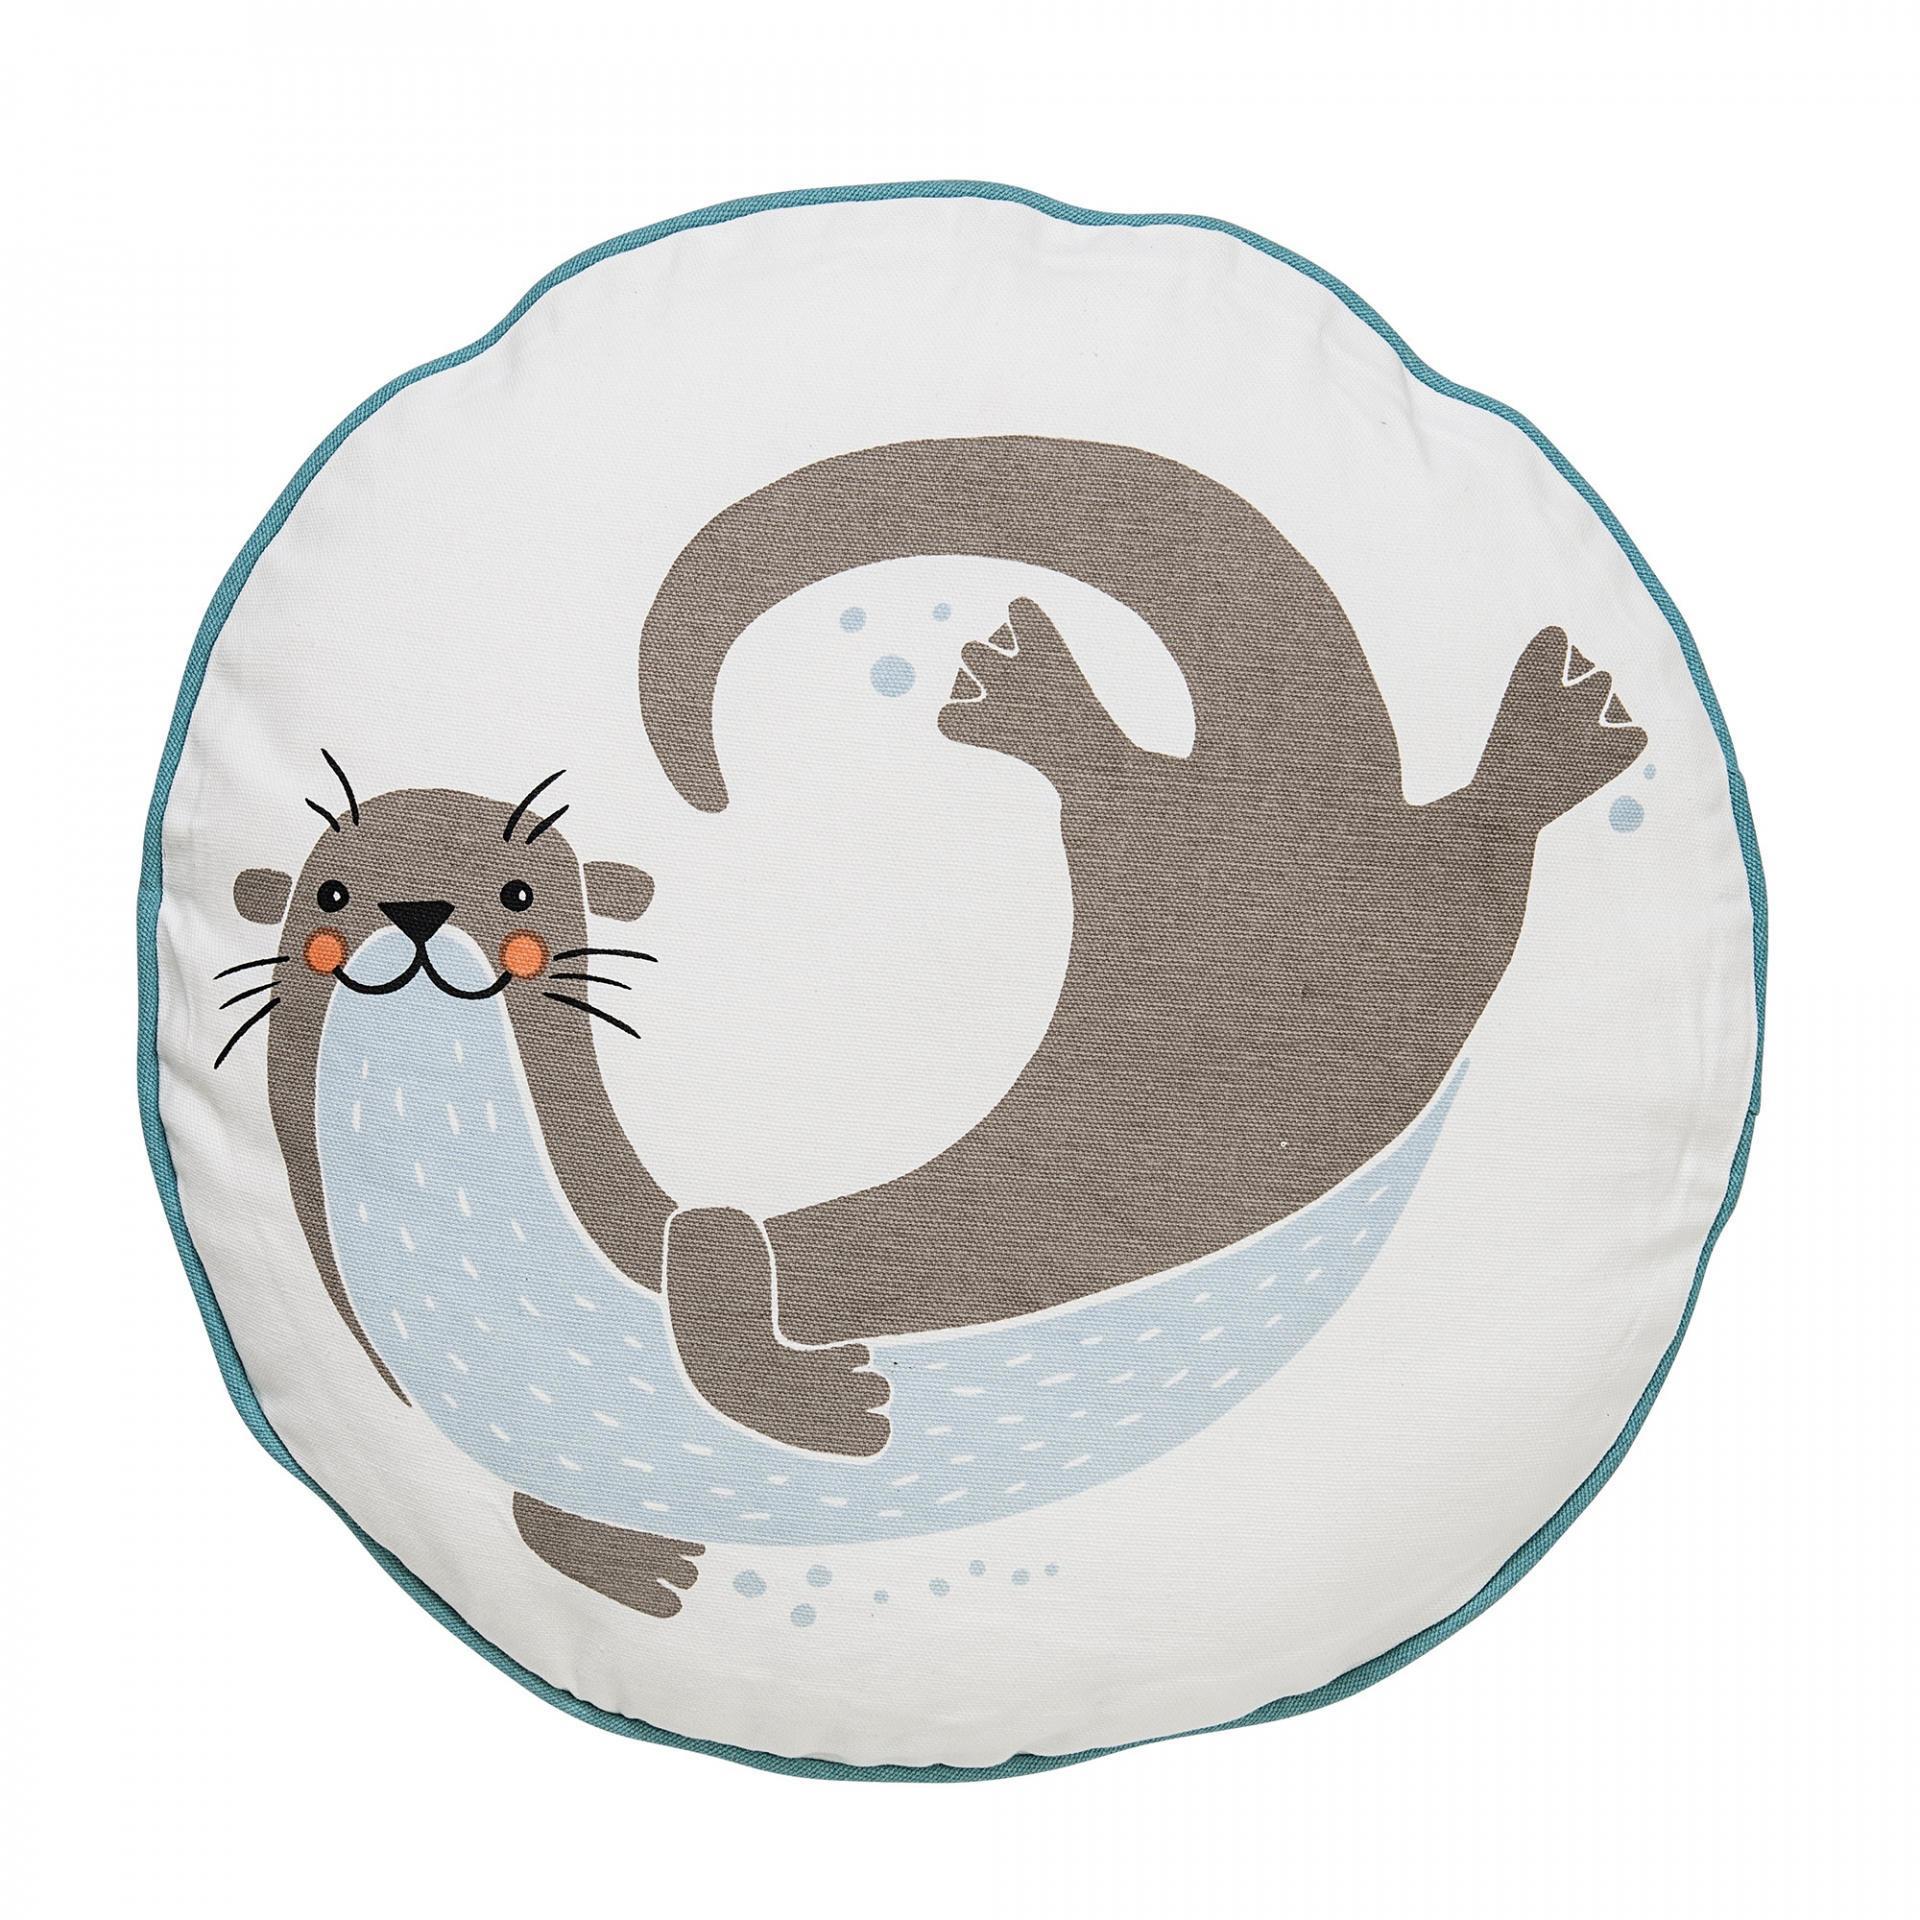 Bloomingville Kulatý dětský polštářek Otter, modrá barva, bílá barva, hnědá barva, textil